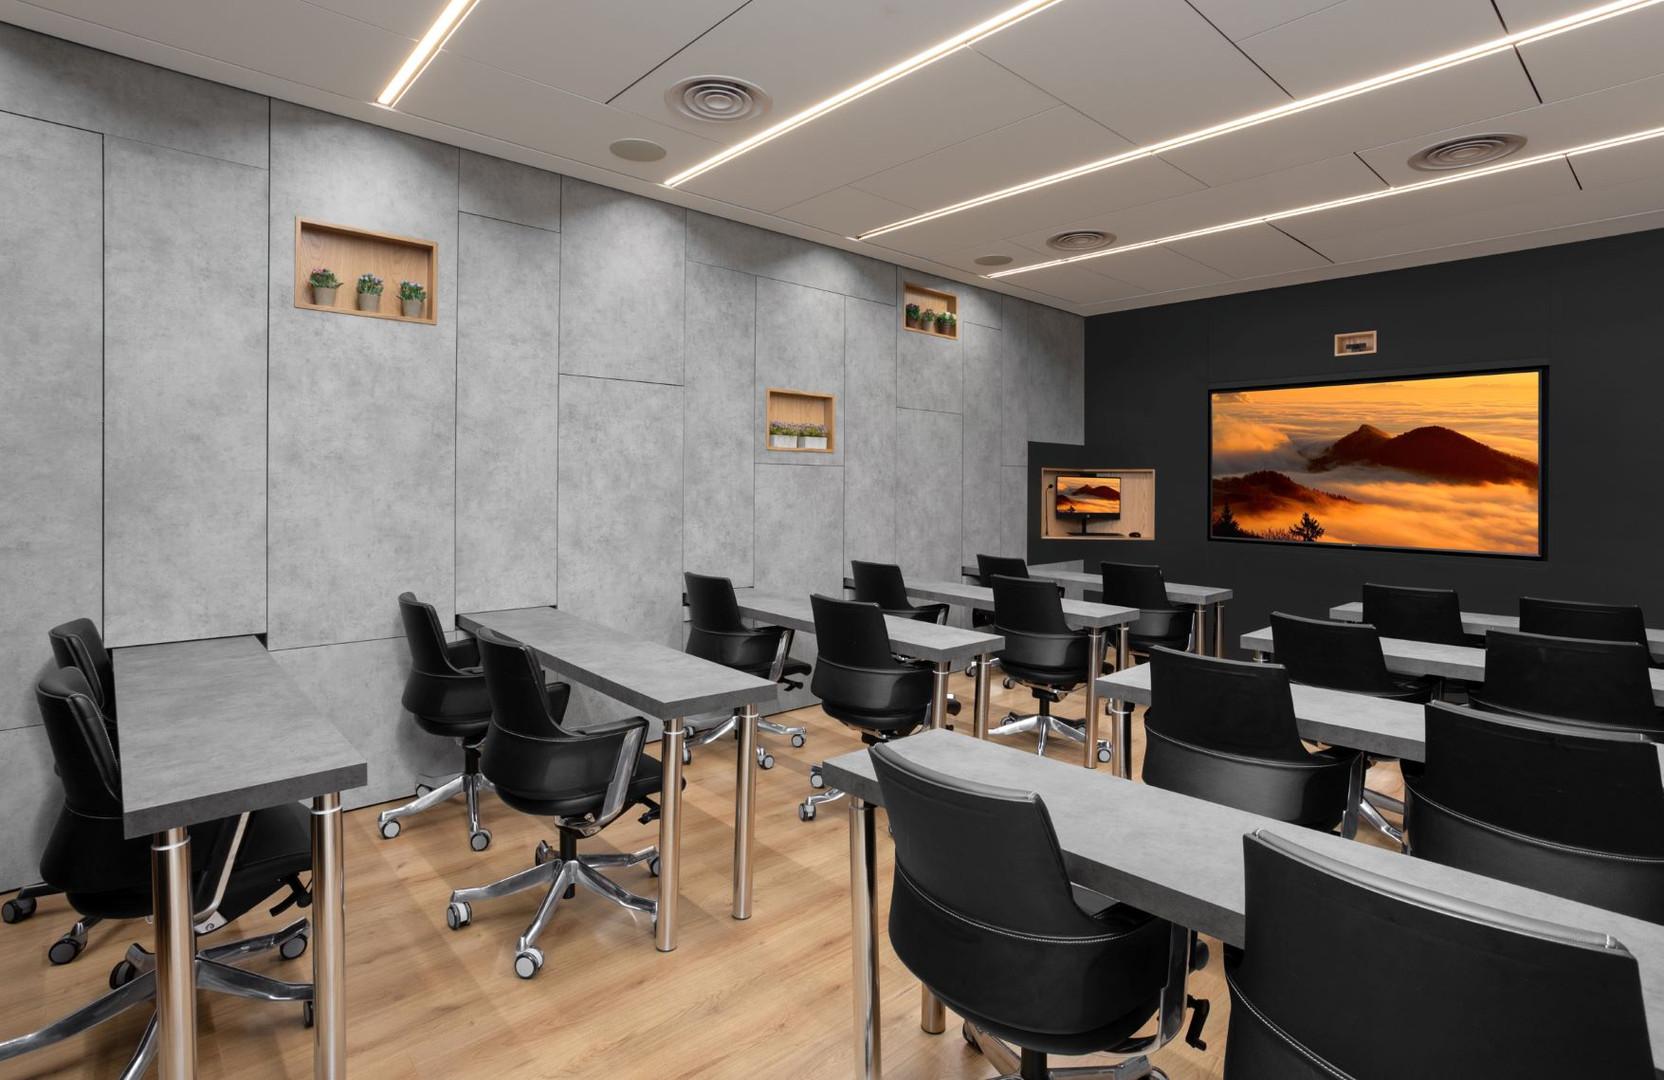 חדר הרצאות 1.jpg